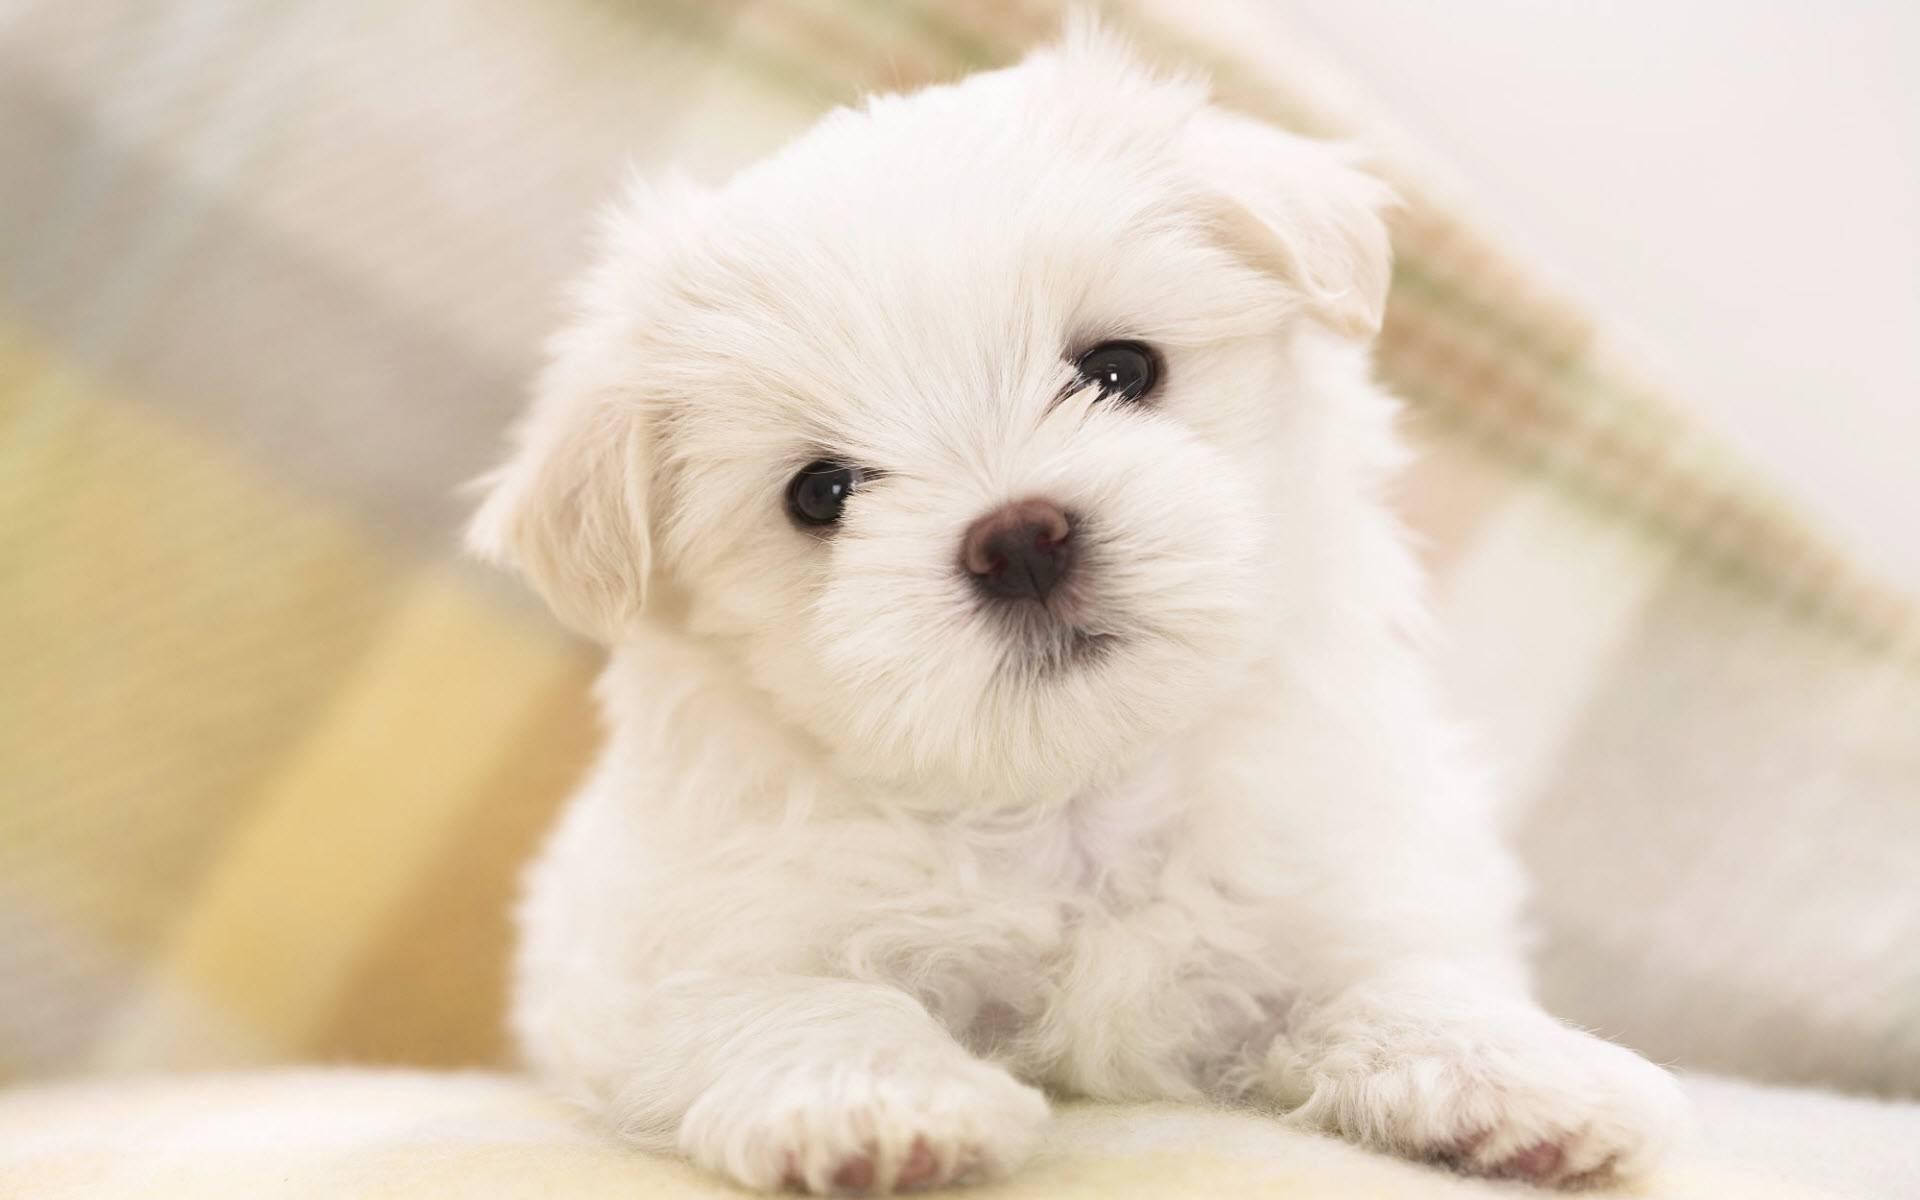 White Dog Wallpaper - WallpaperSafari